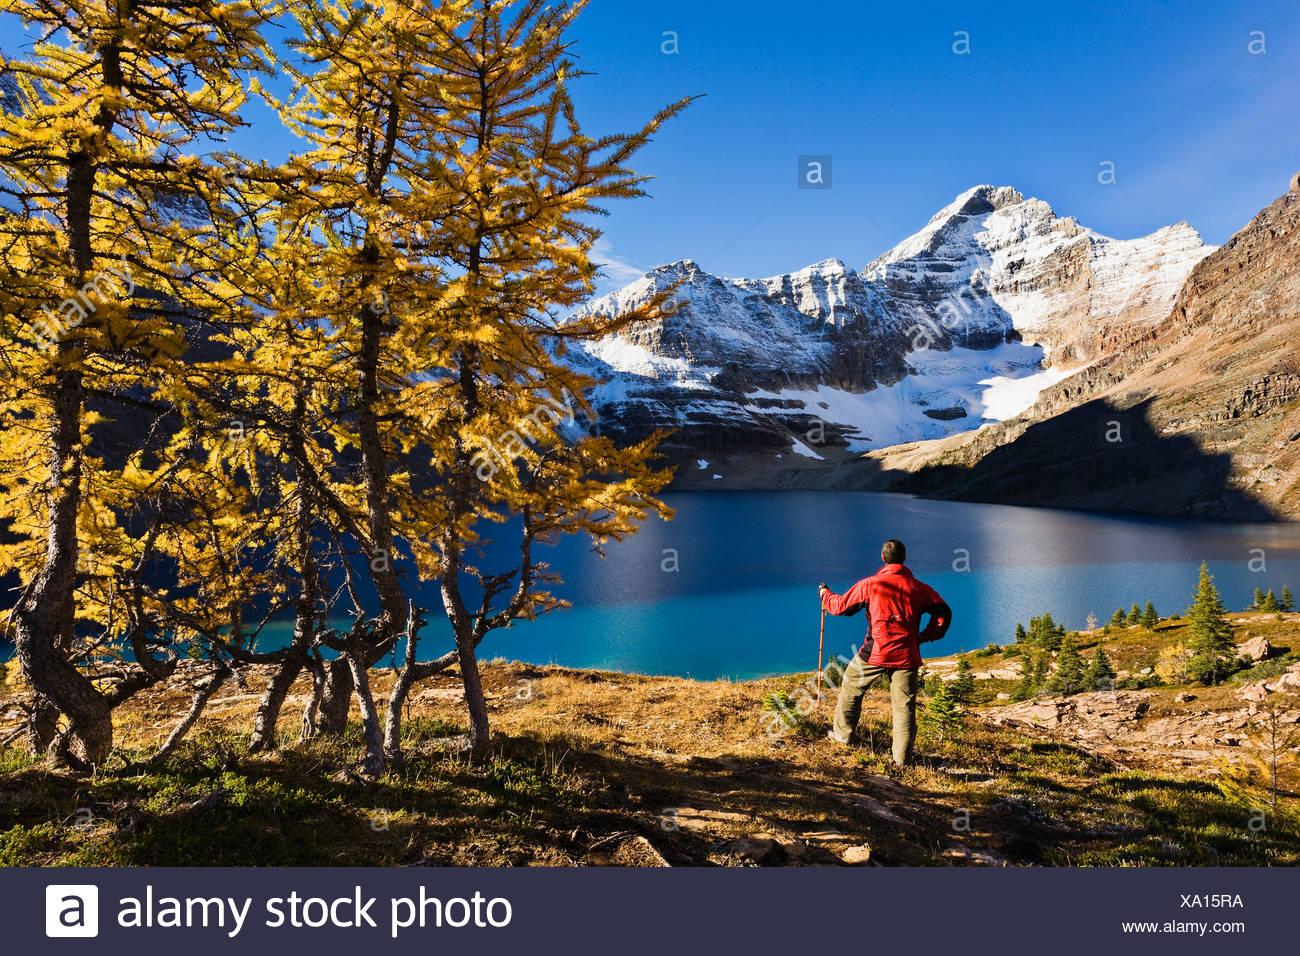 Escursionista che si affaccia sul Lago di McArthur e Monte Biddle, Parco Nazionale di Yoho, British Columbia Immagini Stock